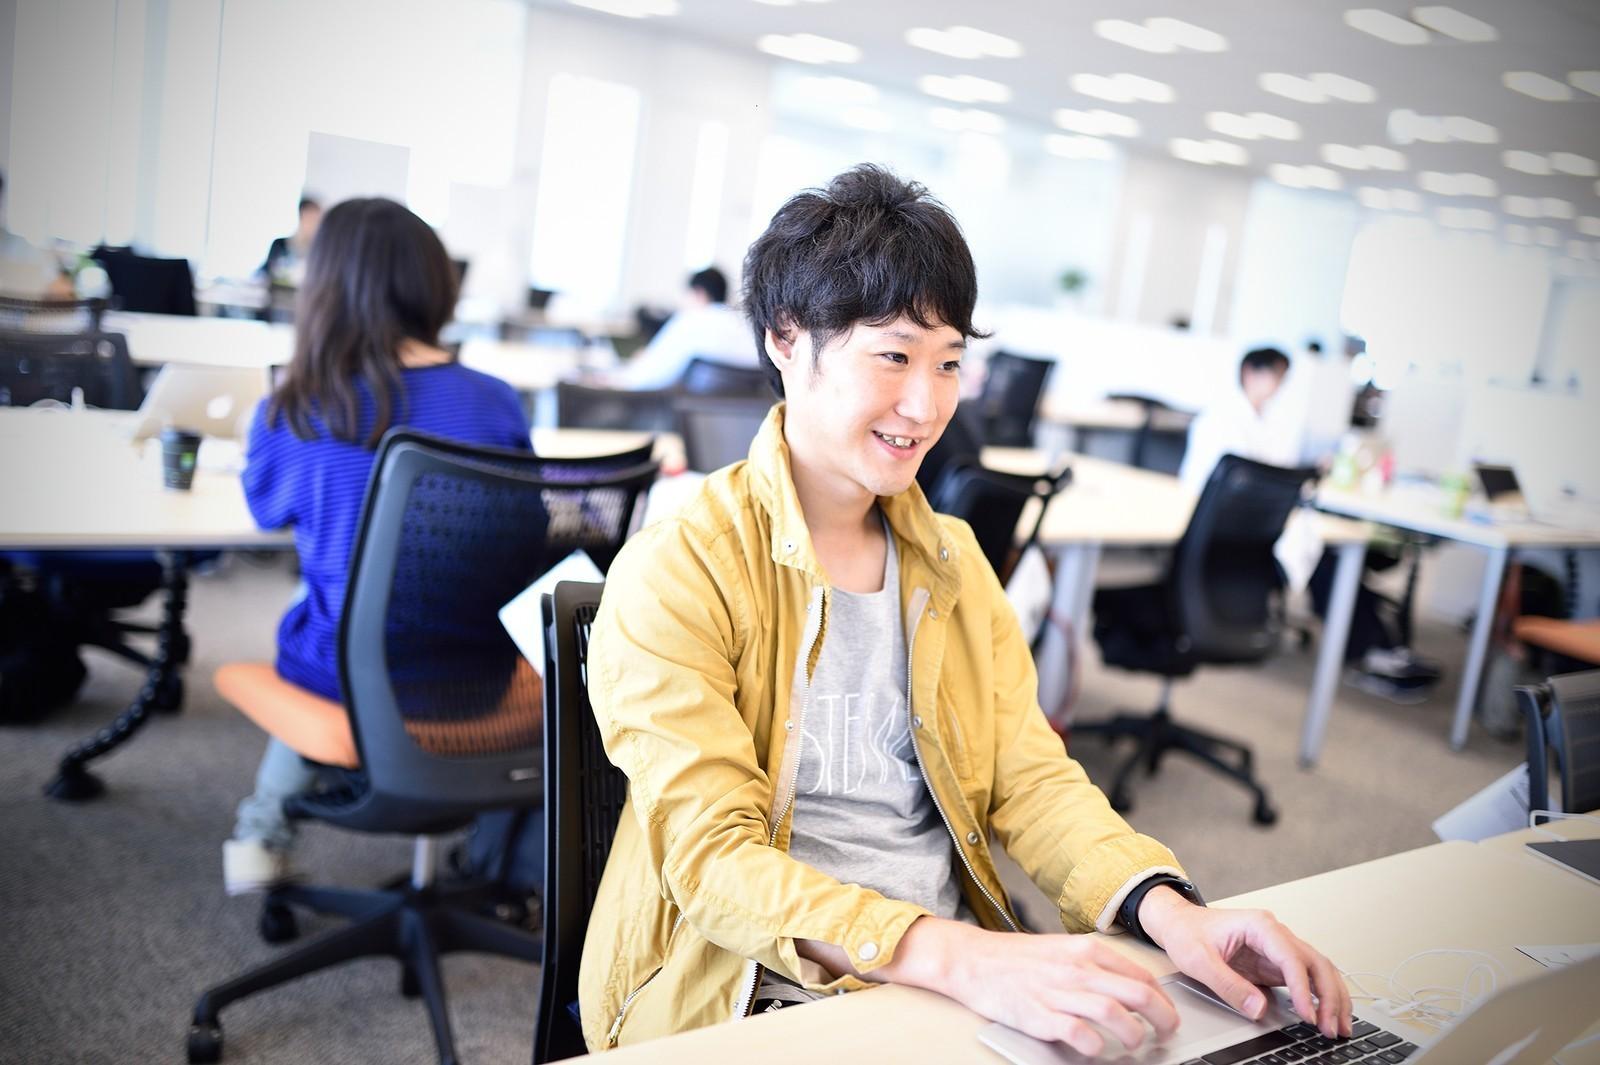 日本発の大手アパレル企業・ファーストリテイリングが「UNIQLO」「GU」の店舗/基盤システム開発担当メンバーを募集!